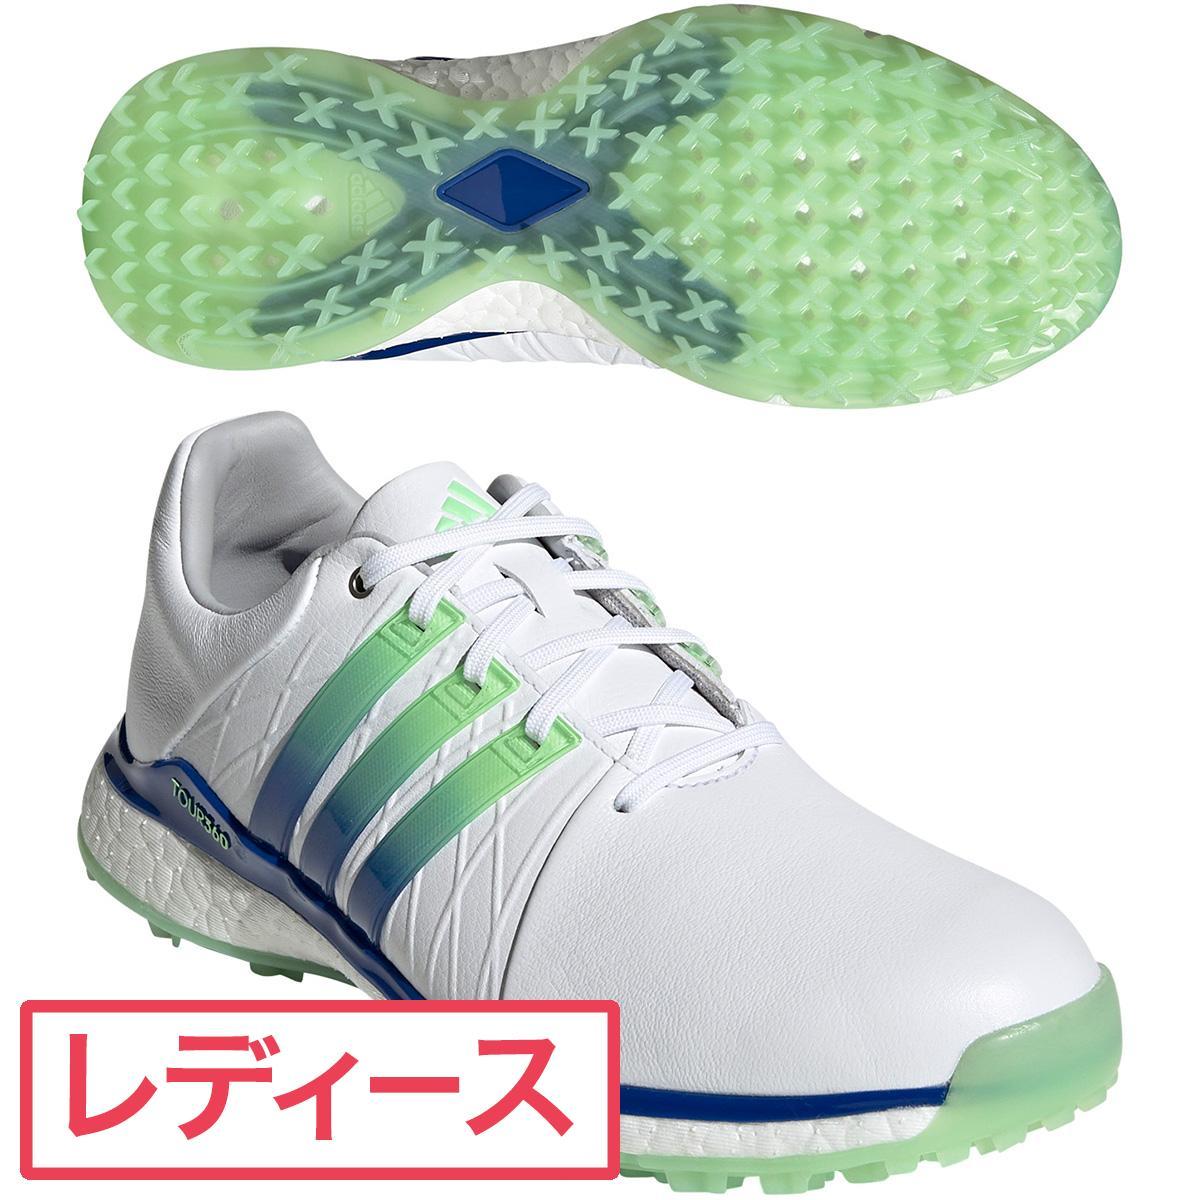 13時までであす楽対応 送料無料 アディダス ◆高品質 Adidas ツアー360 レディス ゴルフシューズ 販売期間 限定のお得なタイムセール XT-SL スパイクレス レディース